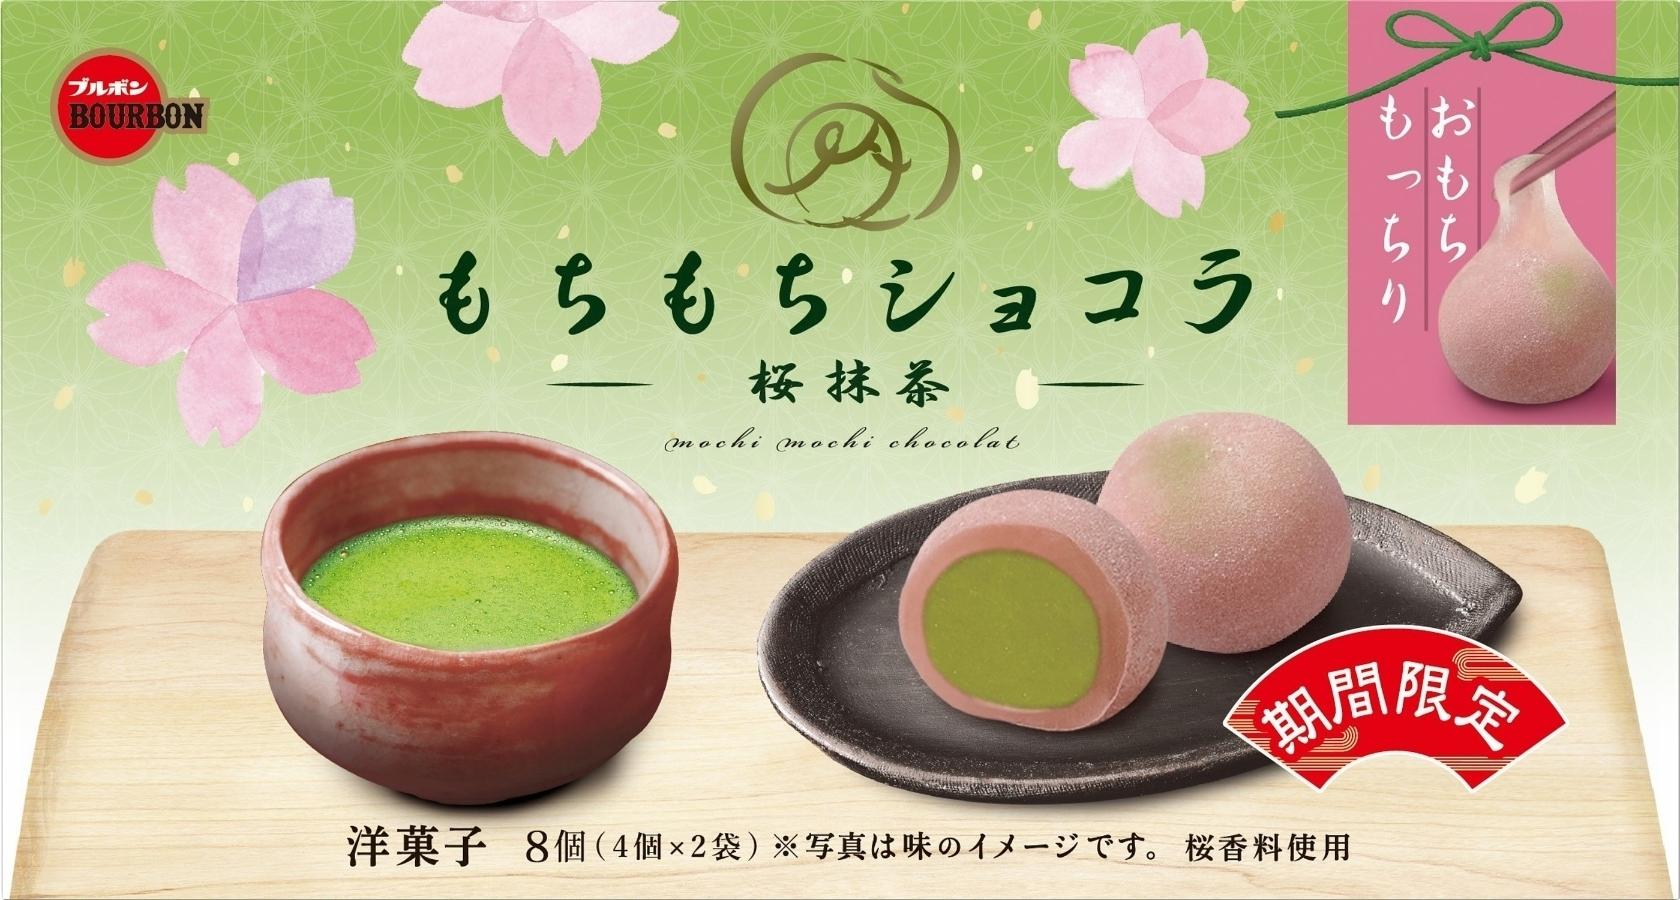 ブルボン もちもちショコラ 桜抹茶 箱8個